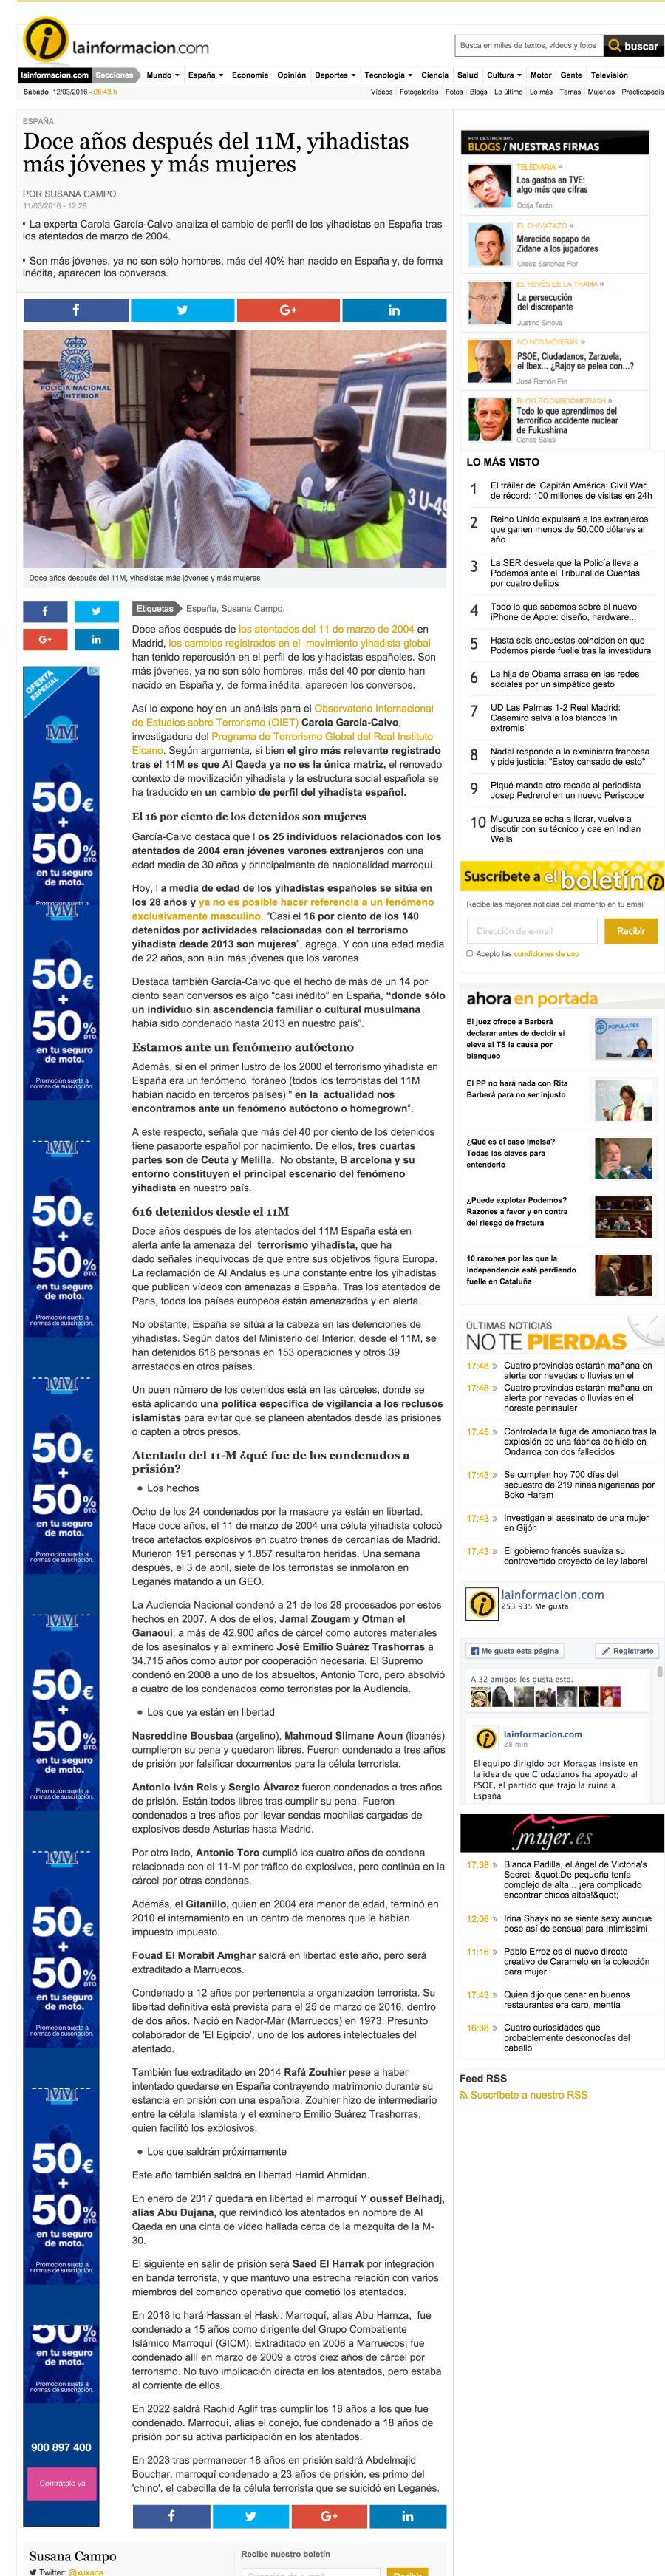 screencapture-noticias-lainformacion-com-espana-Doce-despues-yihadistas-jovenes-mujeres_0_897510699-html-1457974892740